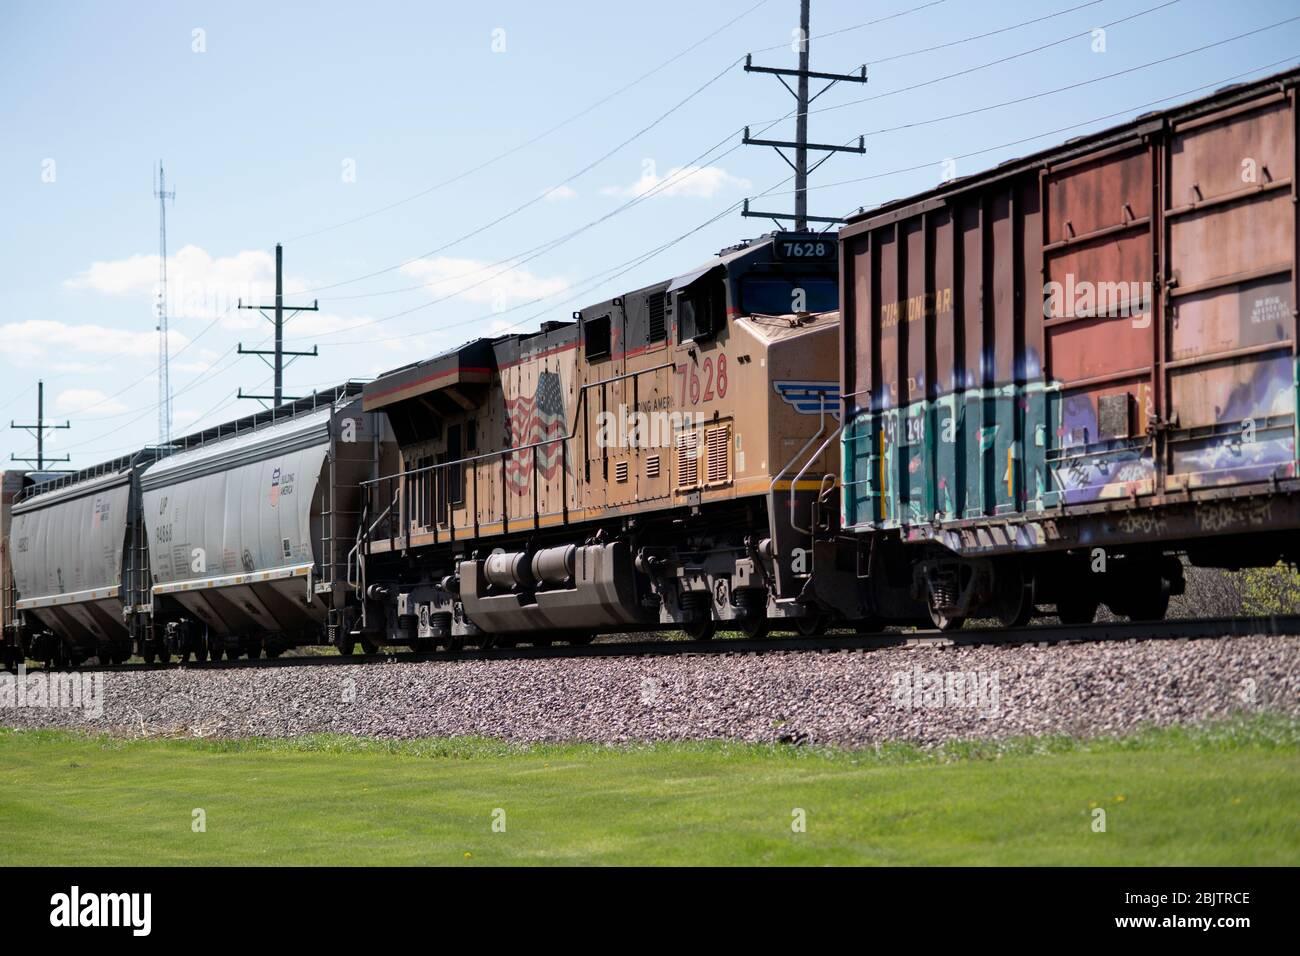 Genf, Illinois, USA. Eine Hilfslokomotive im Mittelzug hilft einem Paar Lokomotiven auf der Front, einen Güterzug zu versorgen. Stockfoto